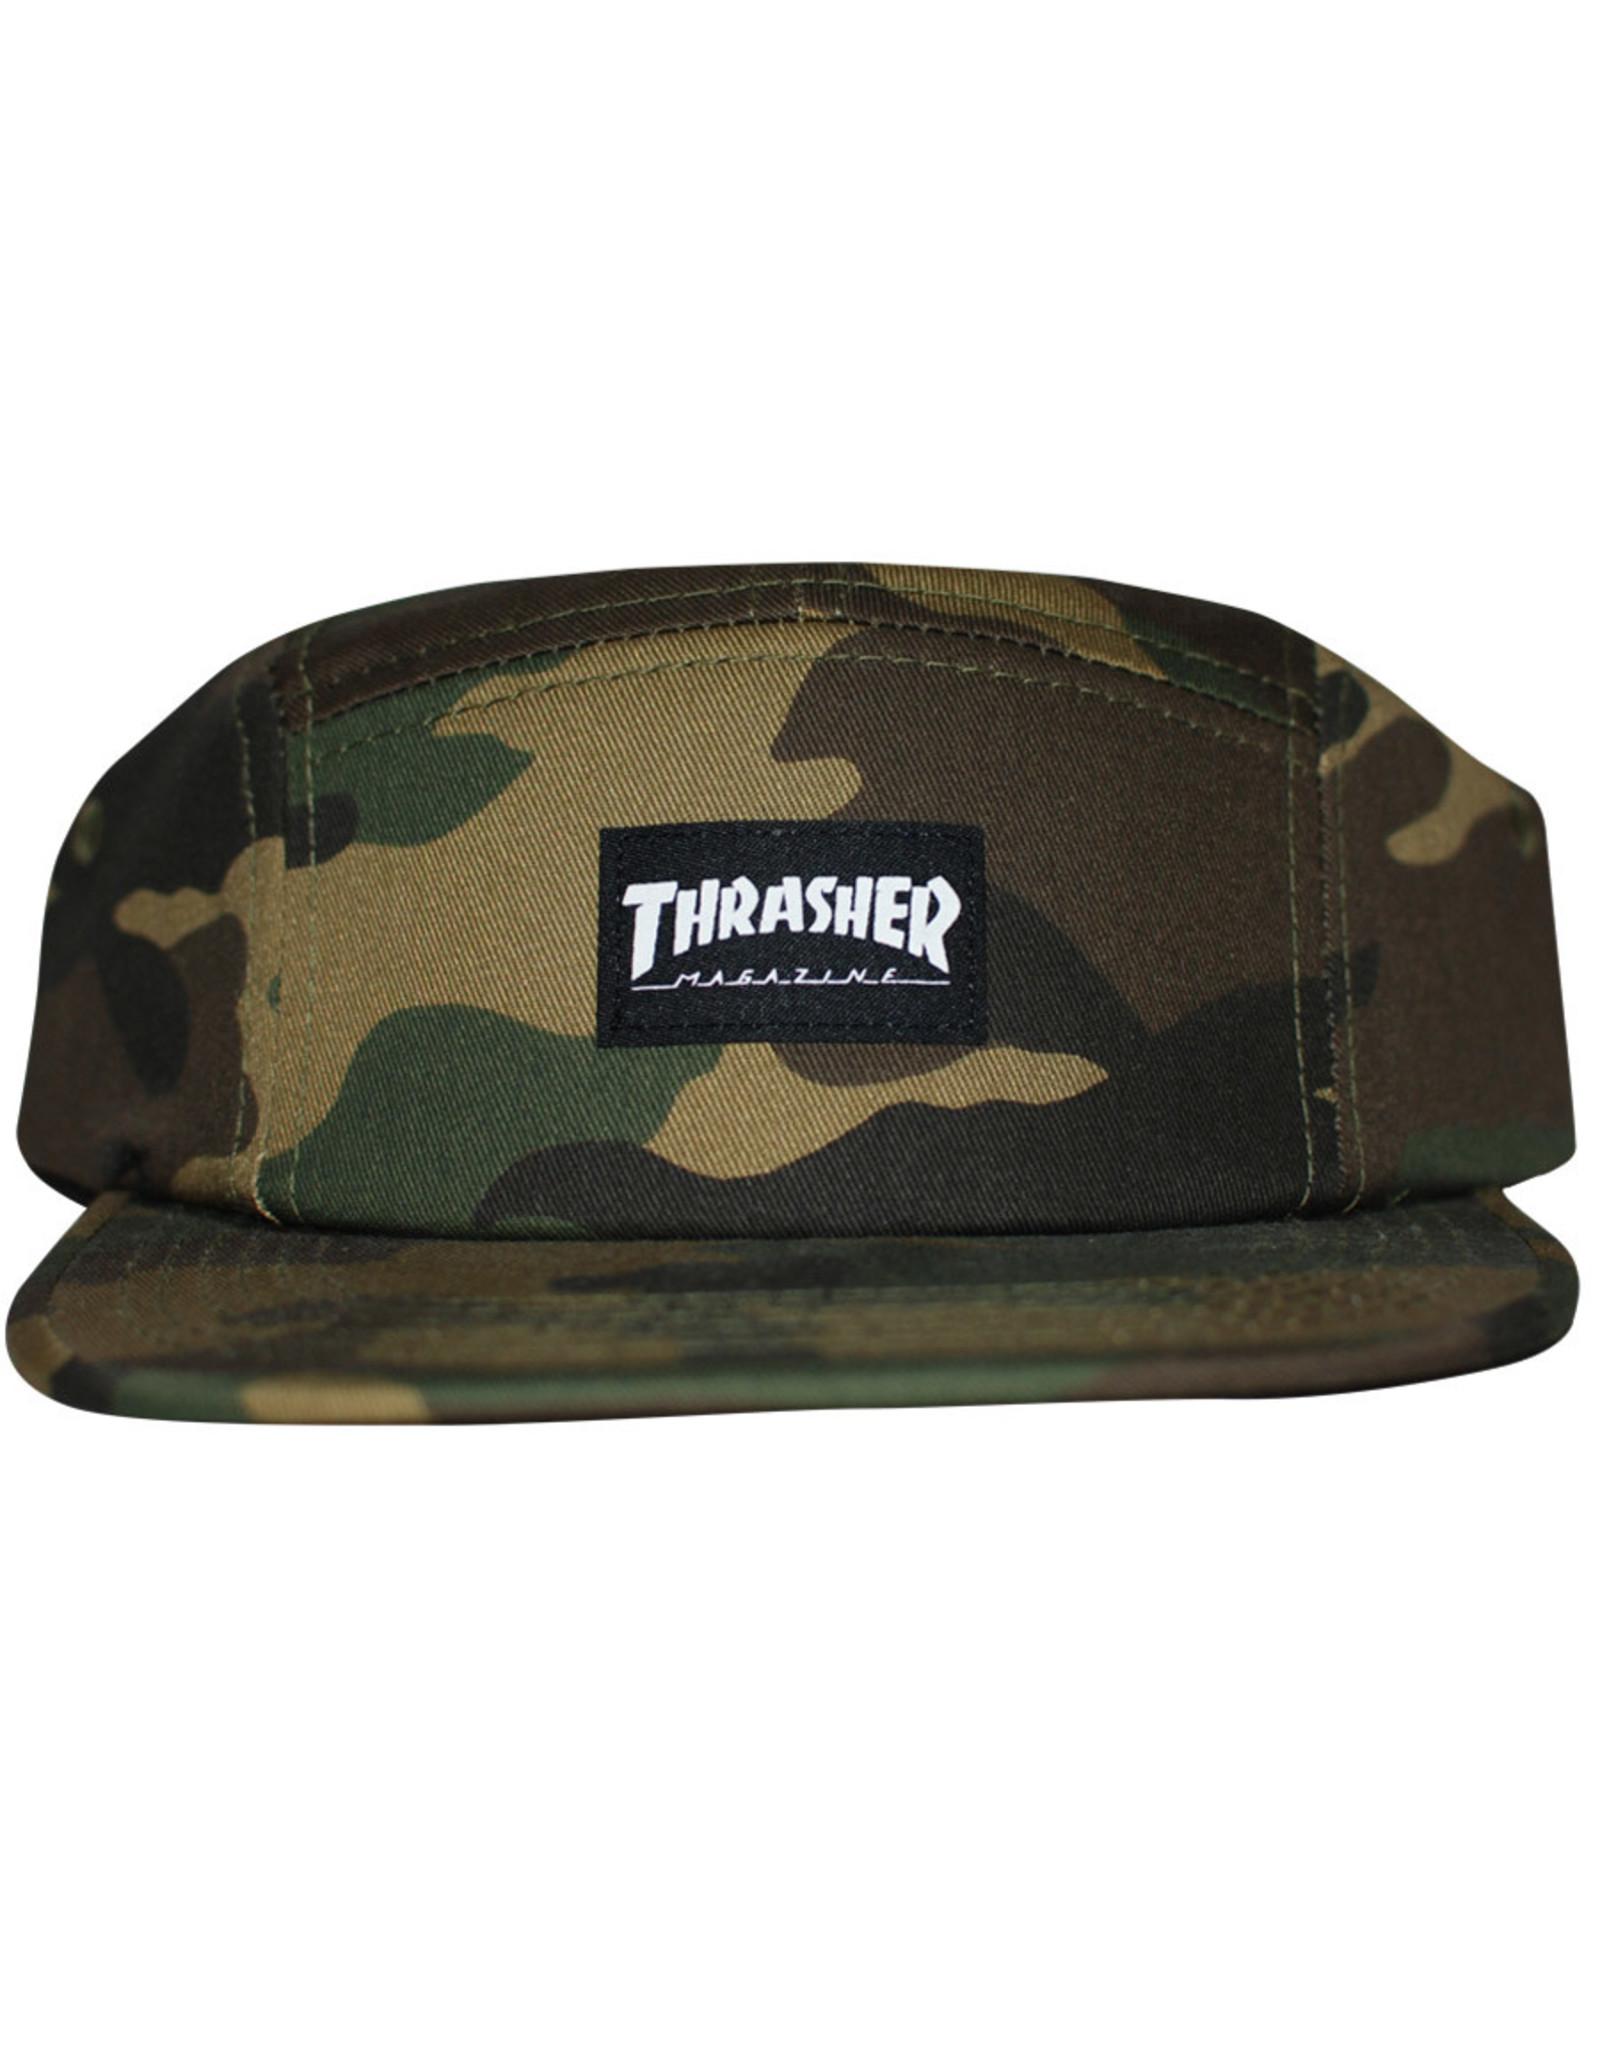 Thrasher Thrasher Hat 5 Panel Strapback (Camo)